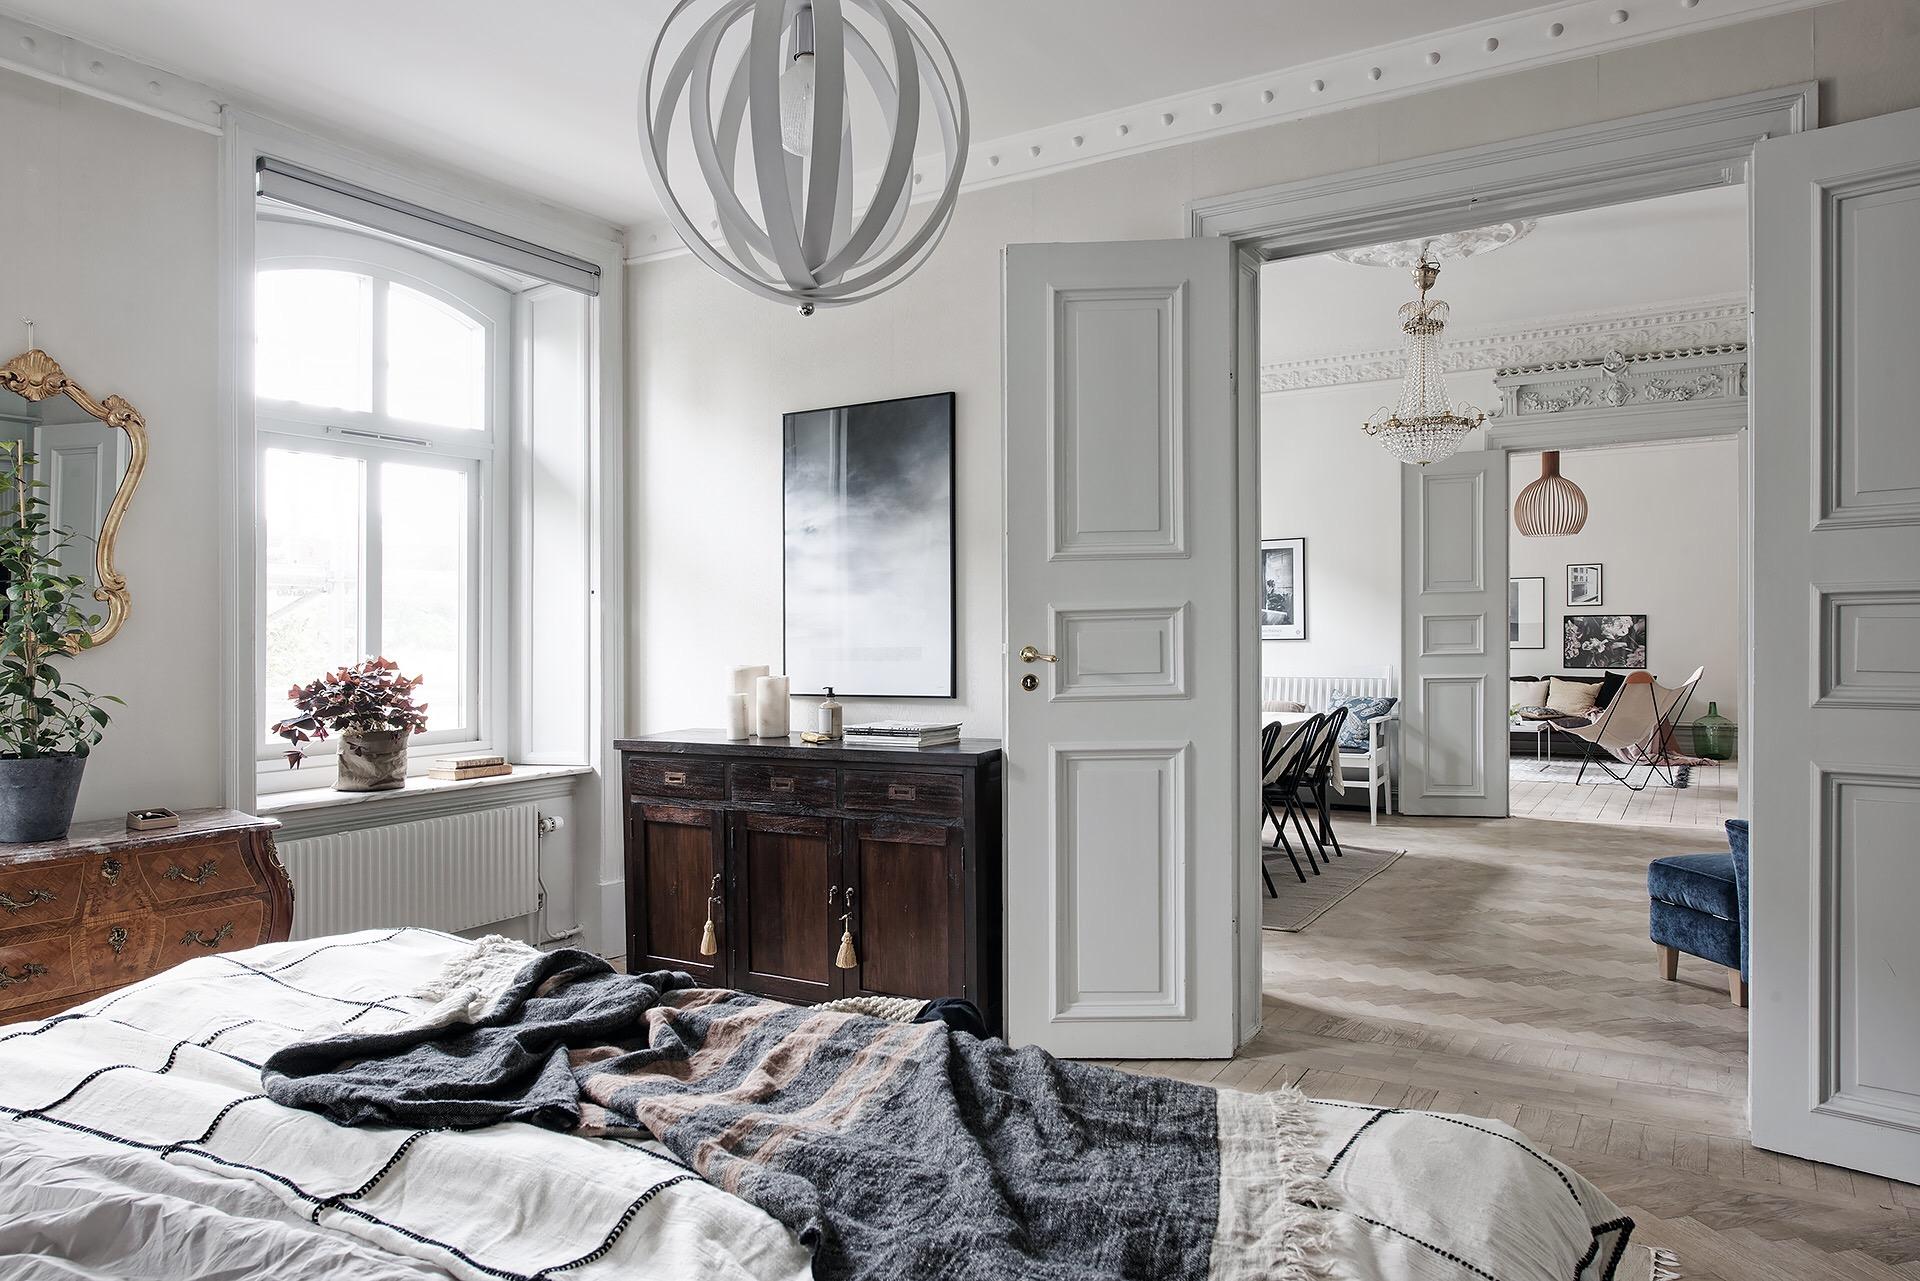 спальня кровать окно комод дверь потолок карниз лепнина